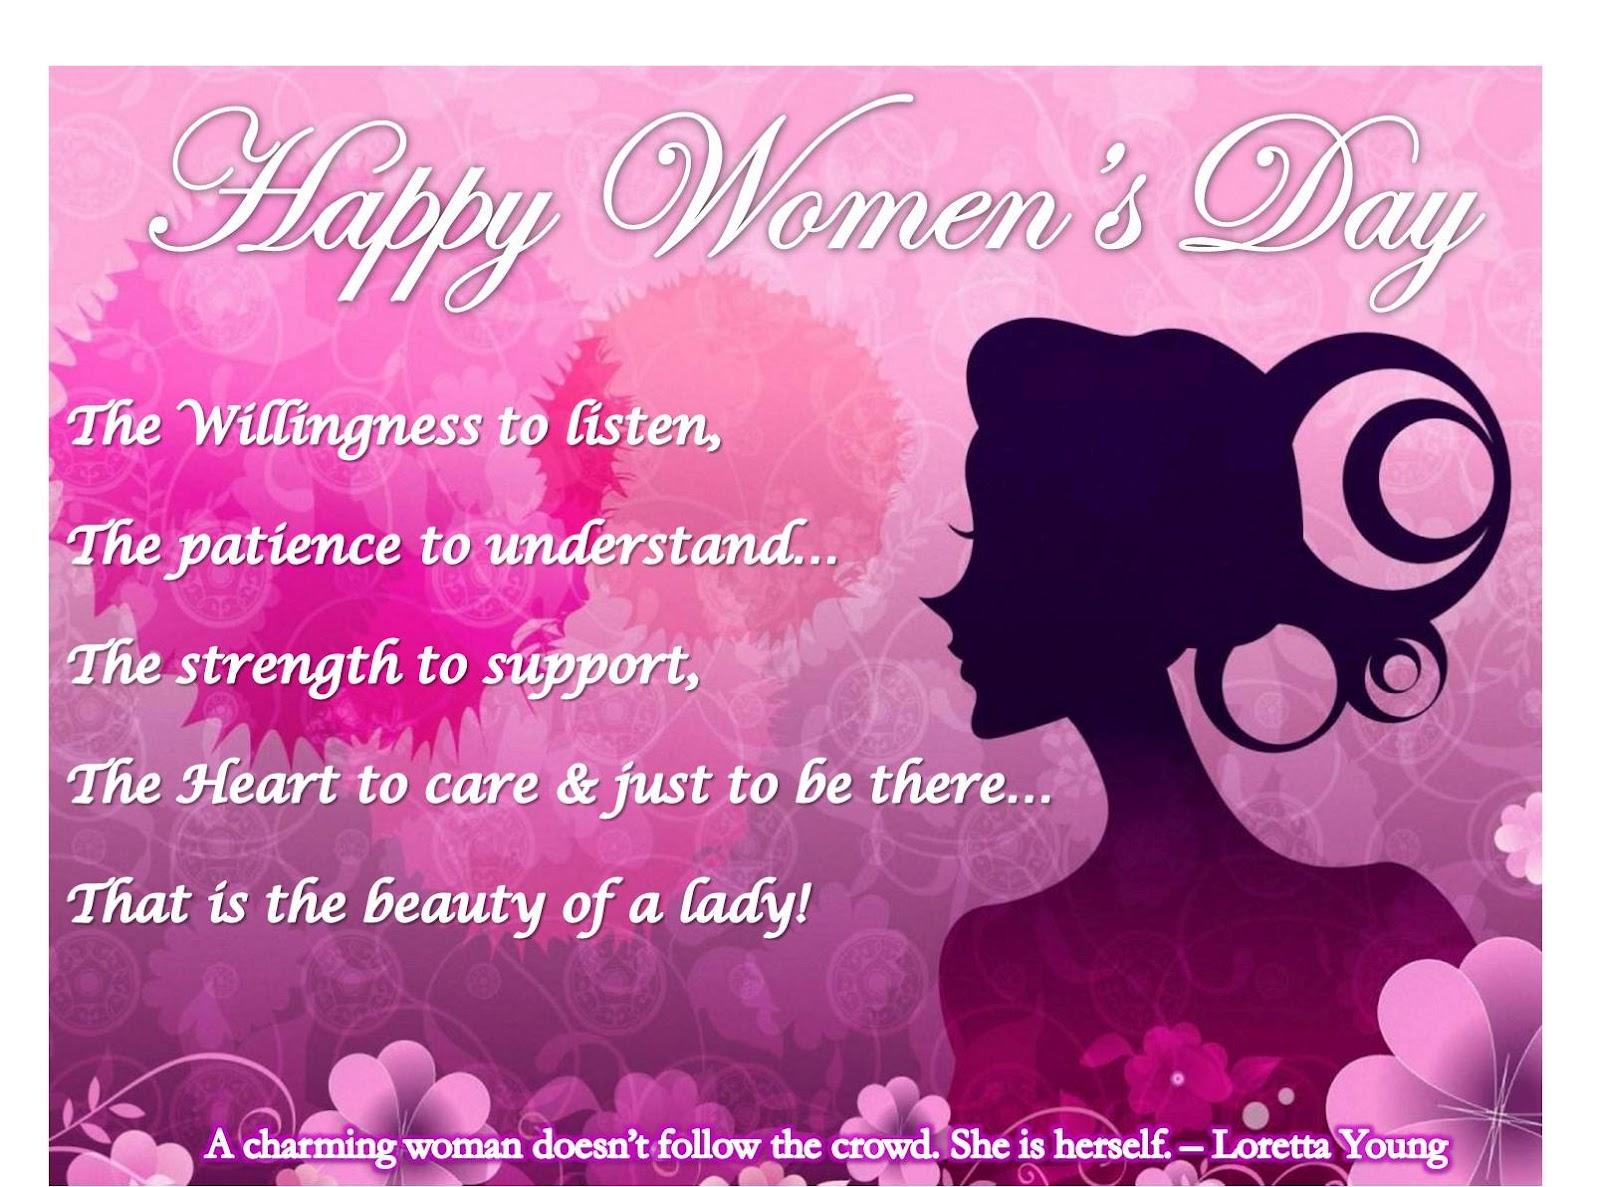 http://1.bp.blogspot.com/-7K-bb0_Yd0E/T1iaesM90QI/AAAAAAAACEk/9675sU-EZUE/s1600/Happy+Women%27s+Day+to+all.jpg